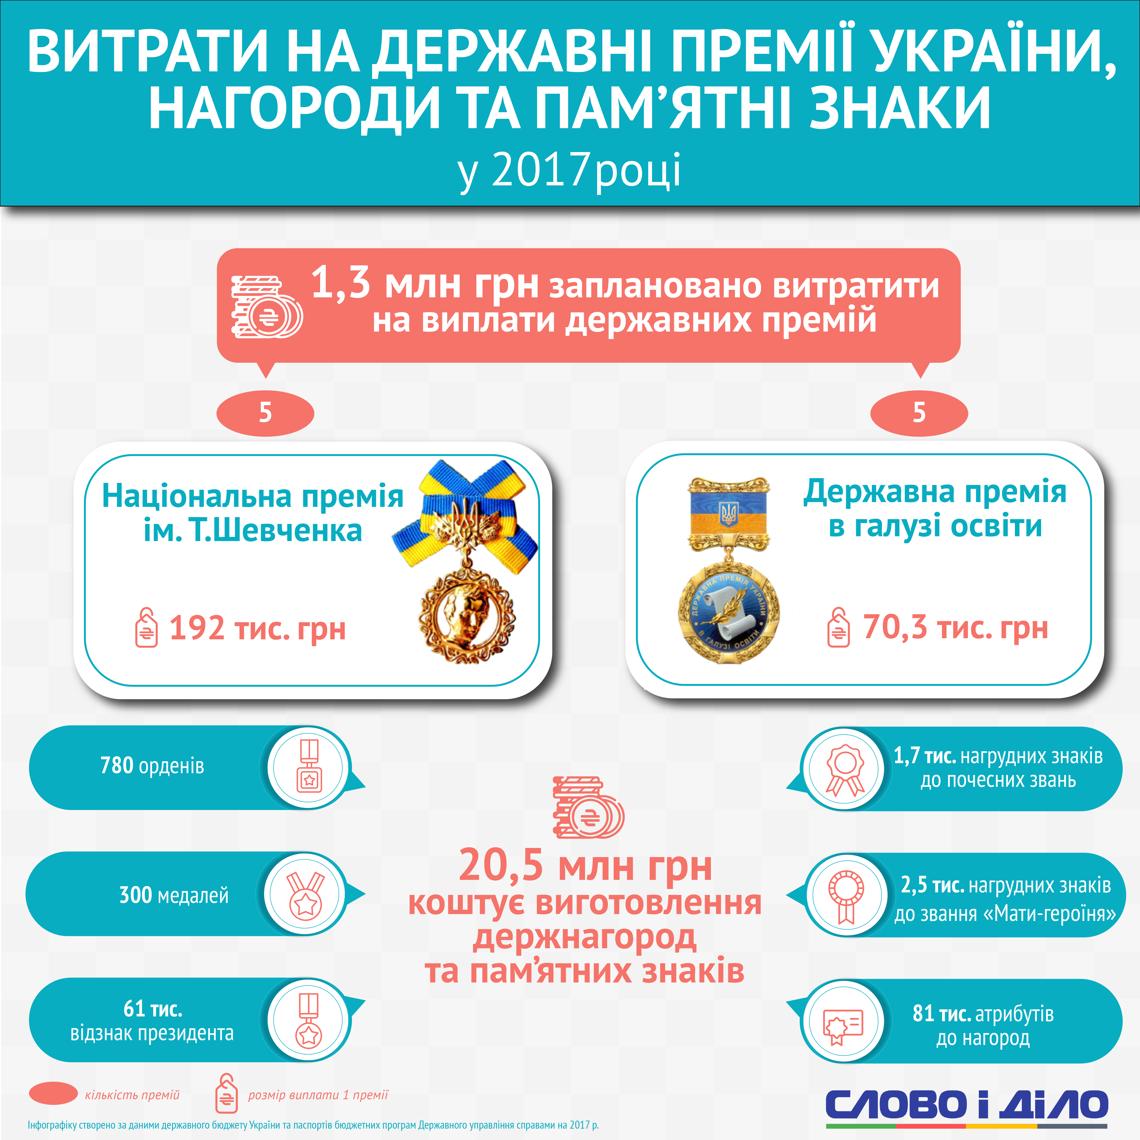 Воккупированном Крыму насчитывается 57 политзаключенных